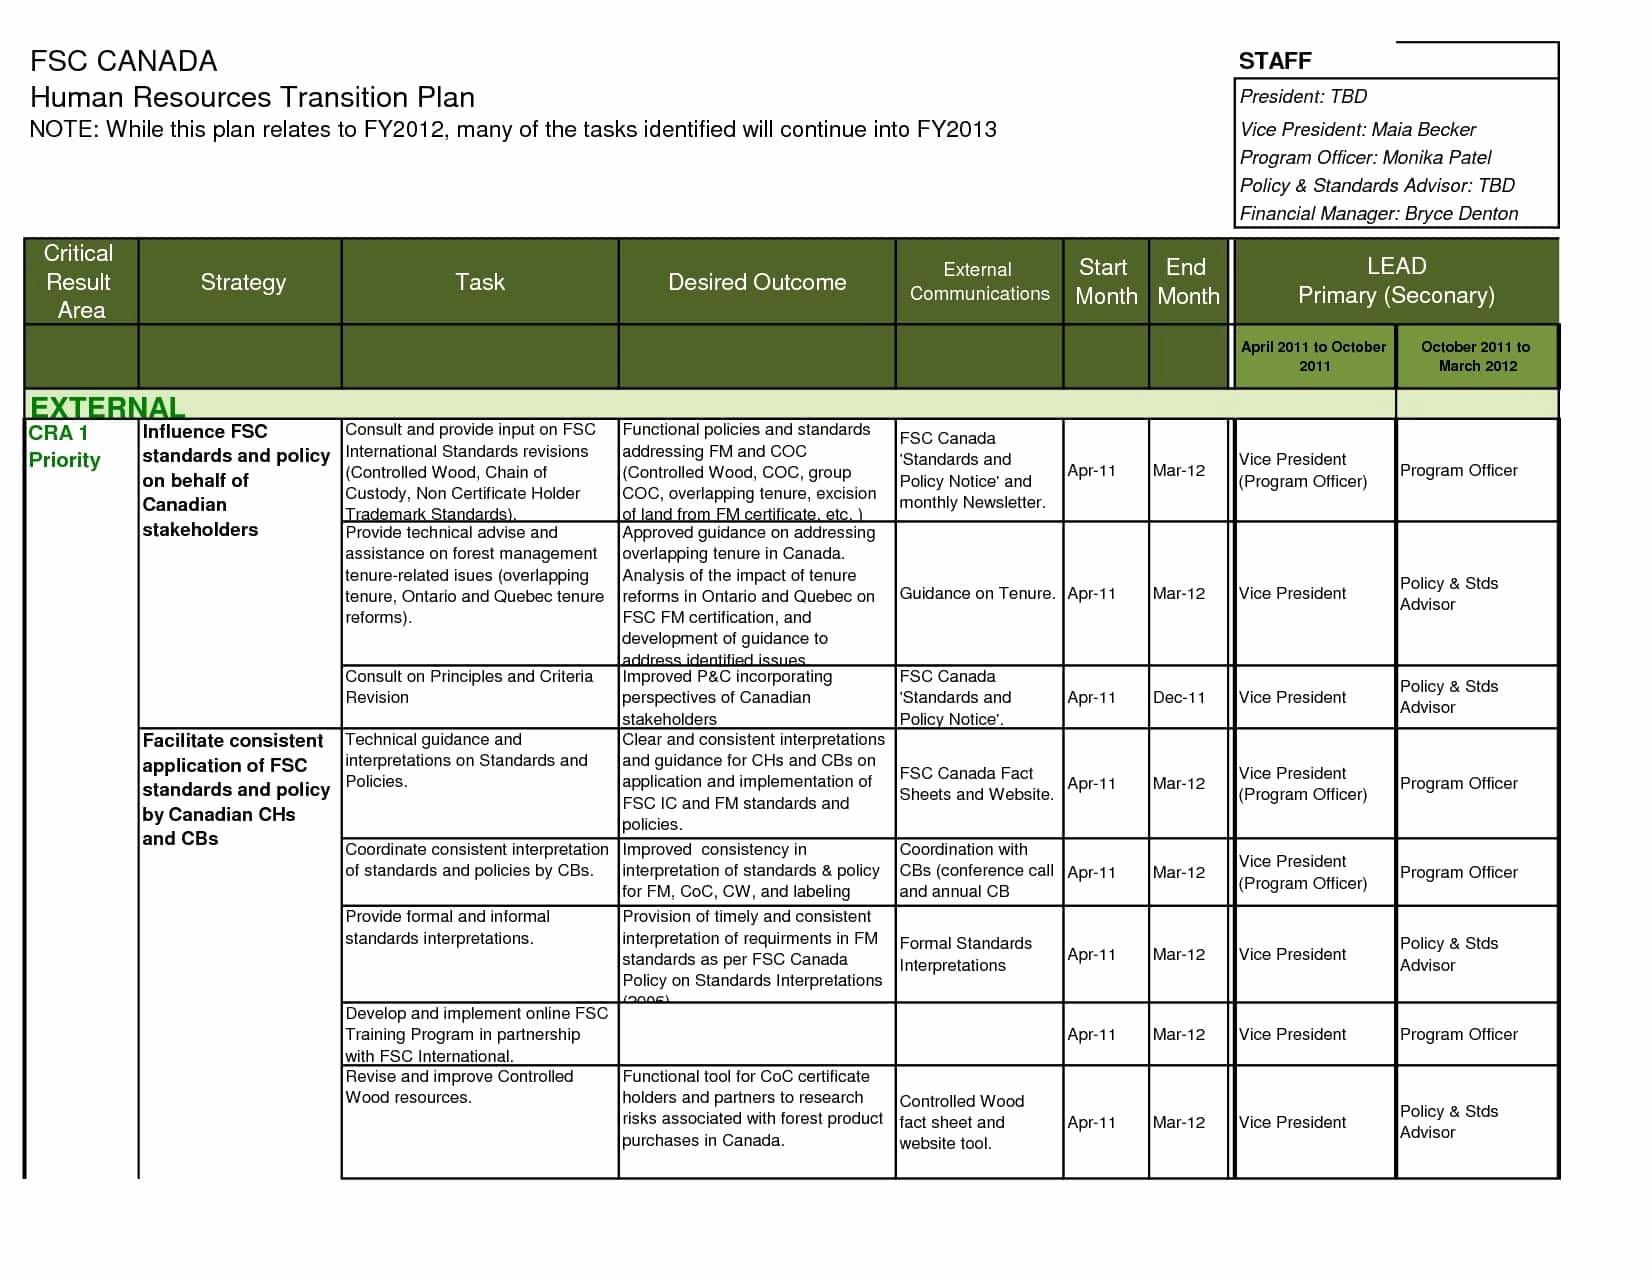 Business Plan Financial Plan Unique Business Plan Financial Template Inside Business Plan Financial Template Excel Download